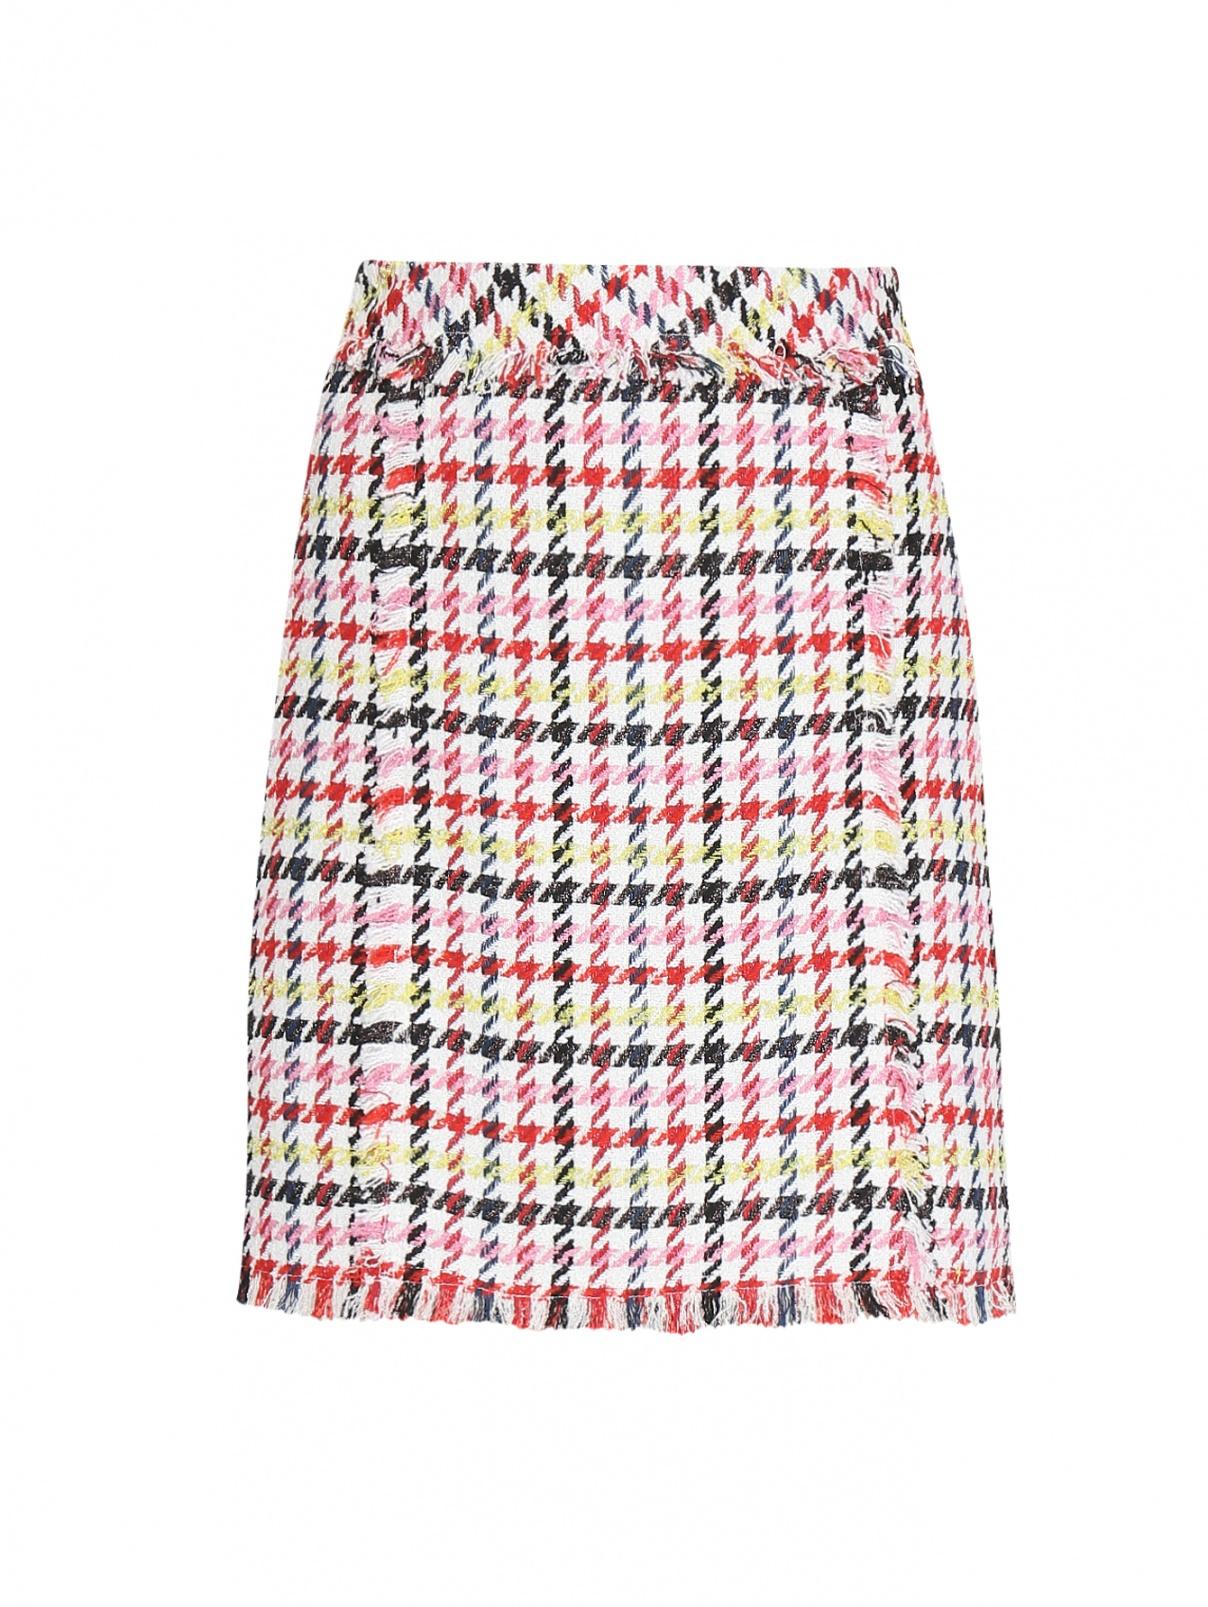 Юбка-мини с узором и бахромой Karl Lagerfeld  –  Общий вид